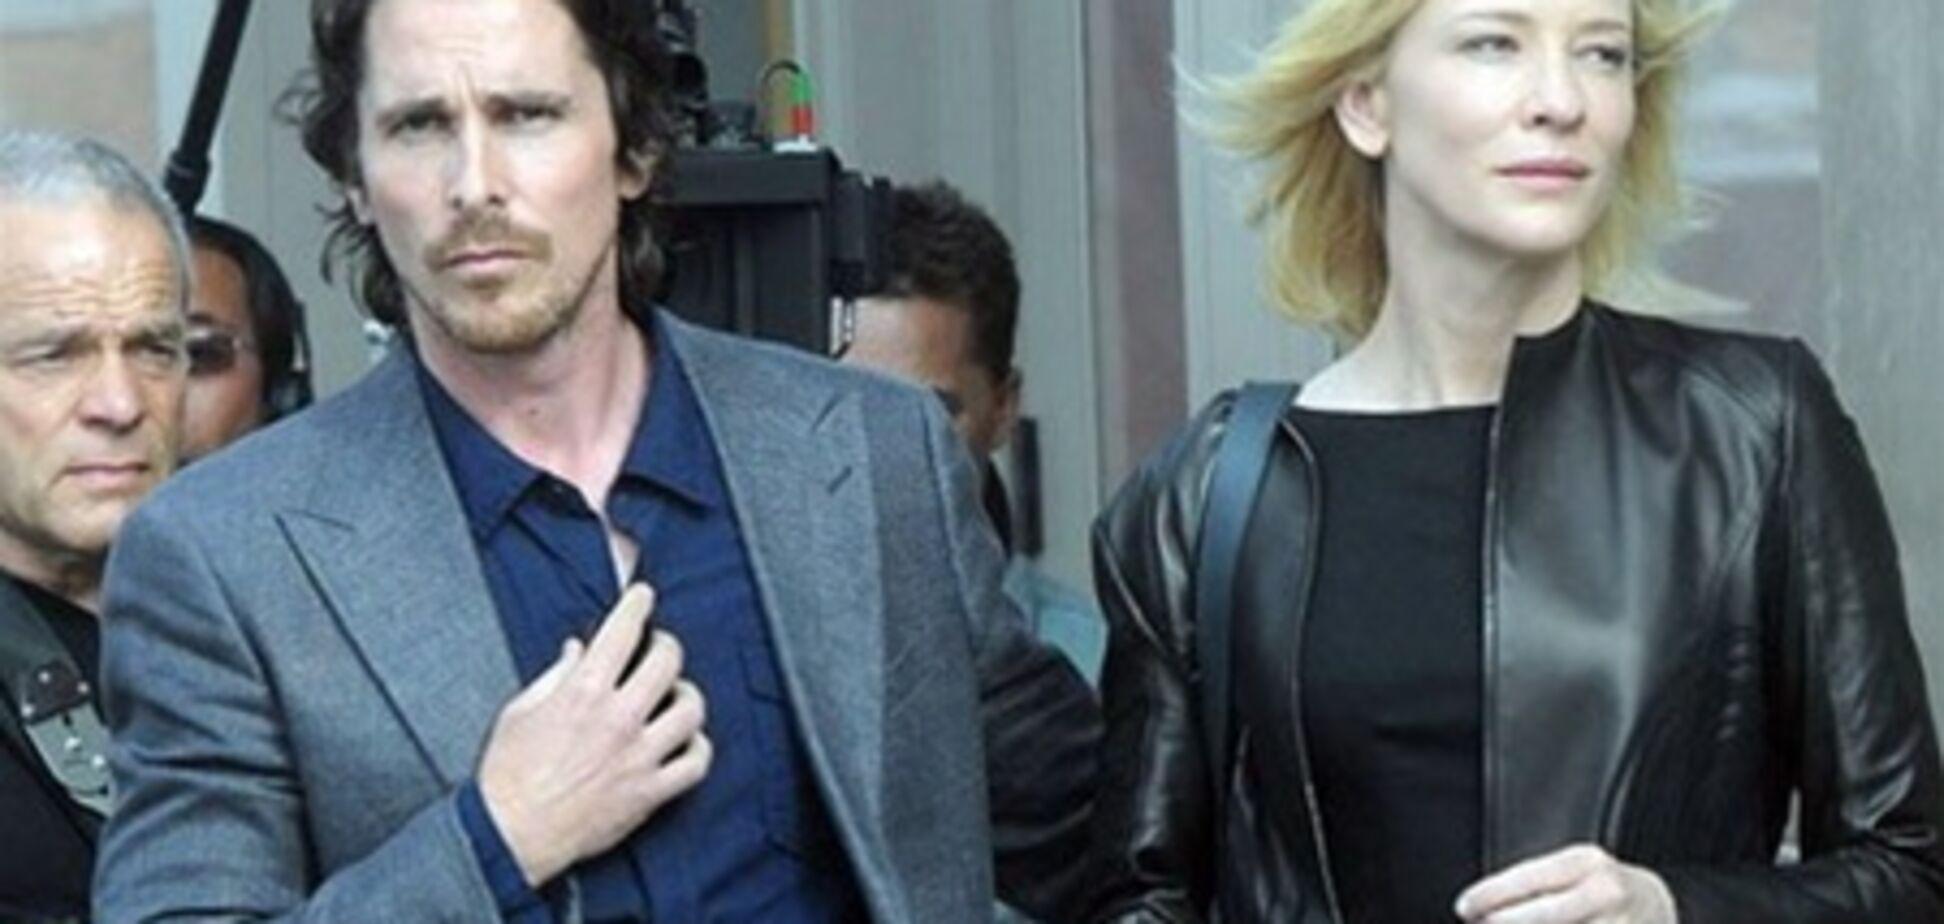 Кристиан Бэйл и Кейт Бланшетт на съемках: новые фото